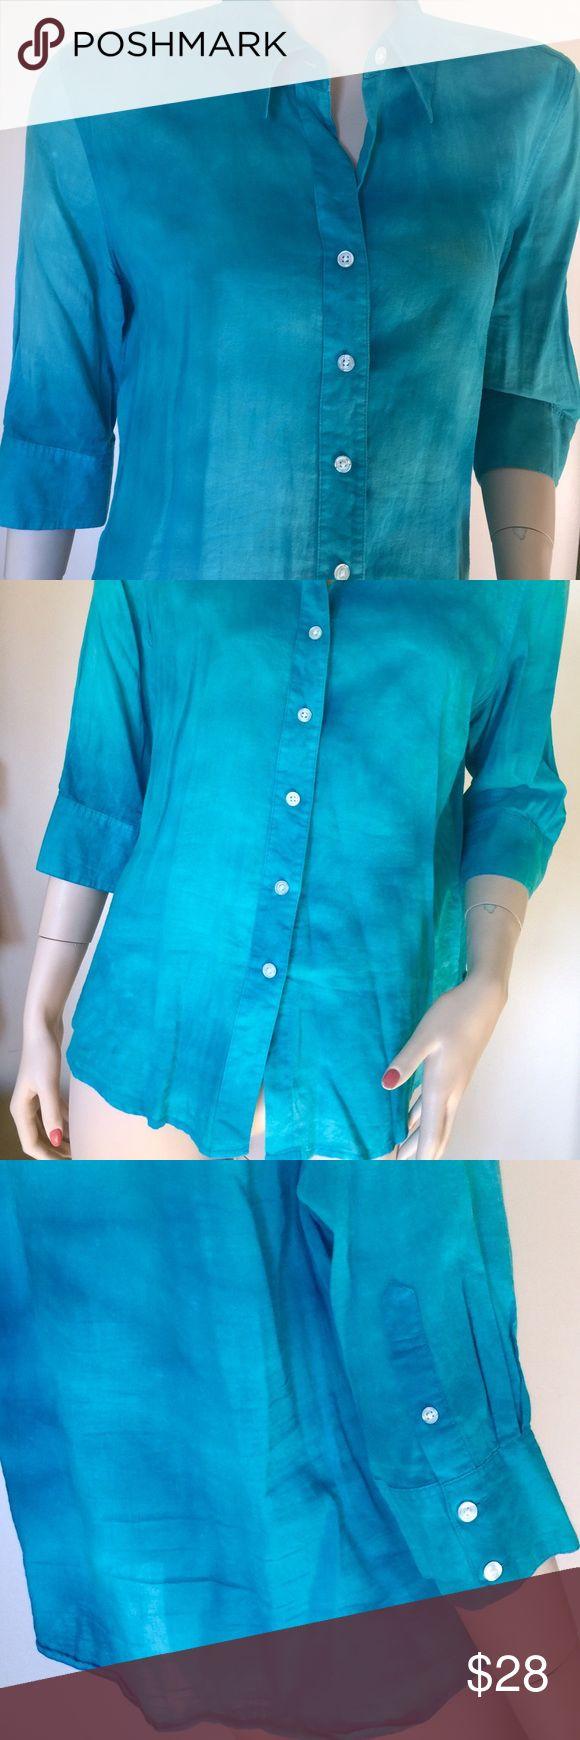 Blue Beach Dress Shirt Summer Cotton Top 💦🐠🏄 Blue Nautical Cotton Beach Shirt 🐠🌊💦🏄 Summer Vacation Women's Top Button Down Casual Pointed Collar Dress Shirt Tops Blouses